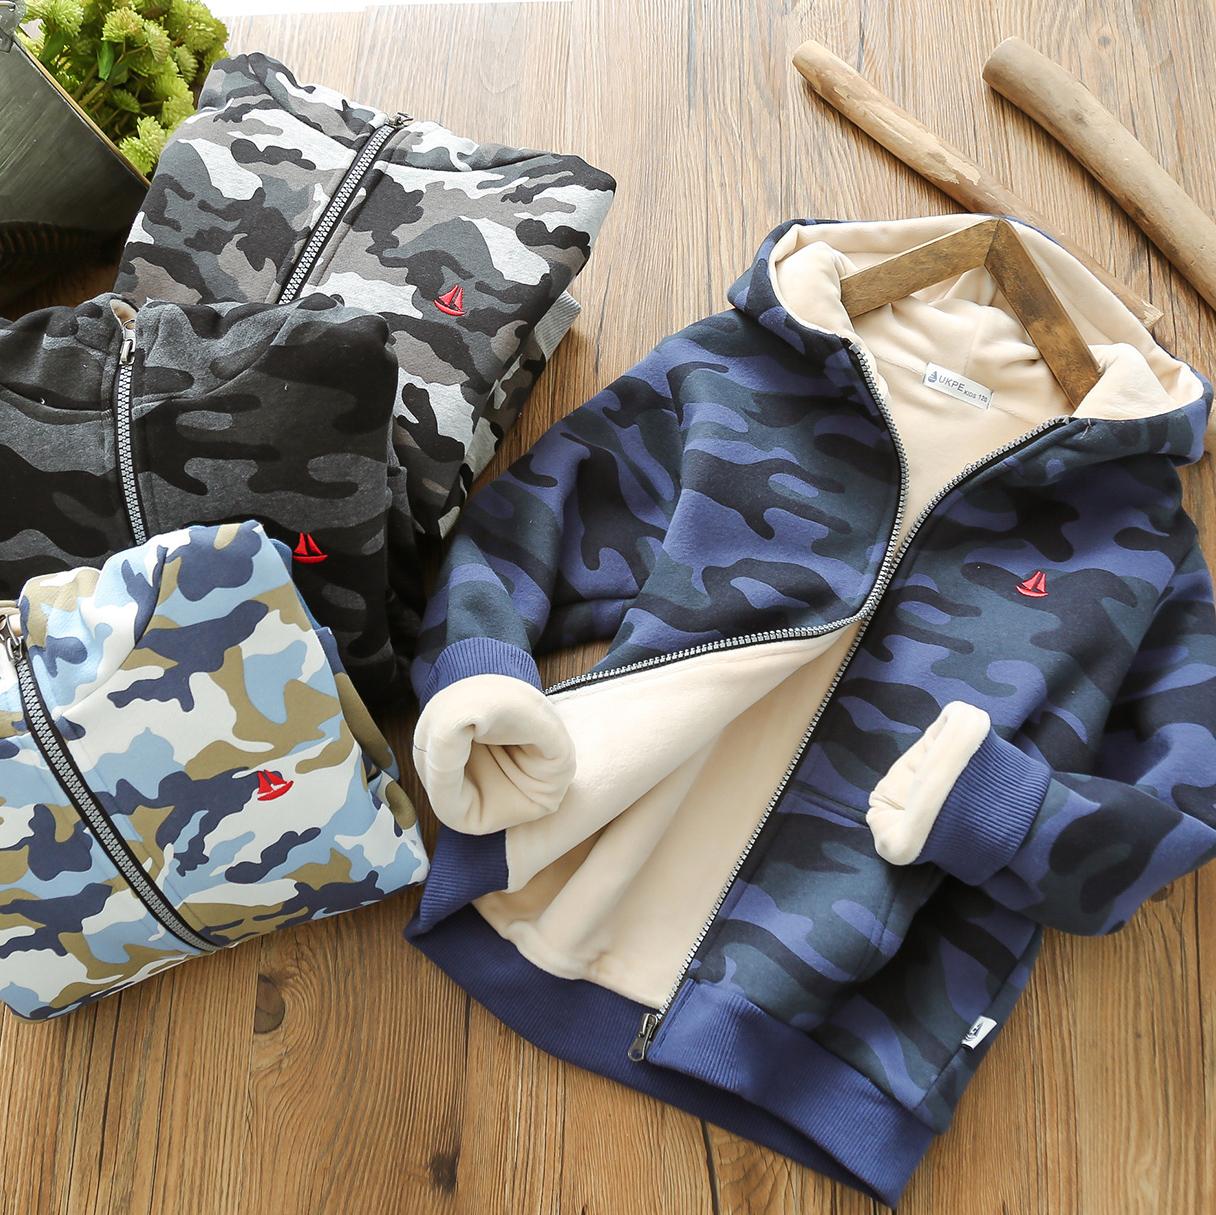 男童加绒加厚外套连帽儿童冬季迷彩服宝宝冬装棉衣棉服保暖衣夹克图片